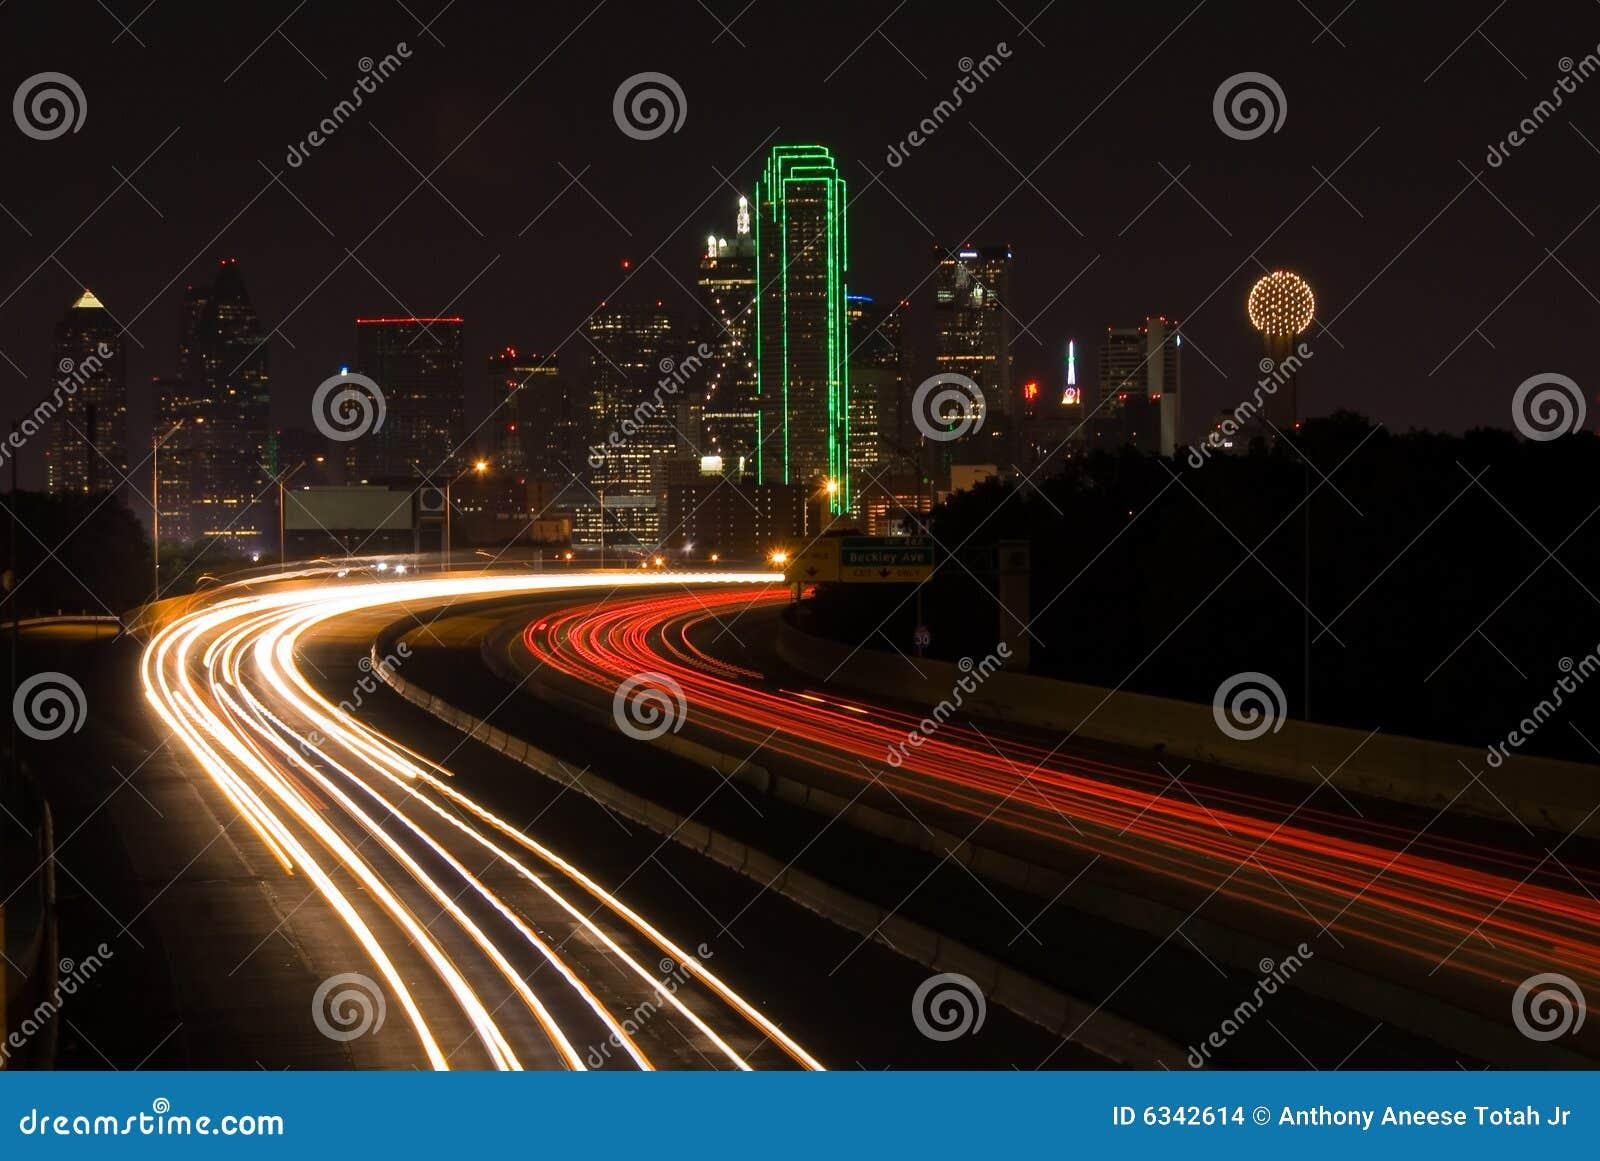 I 30 dans Dallas